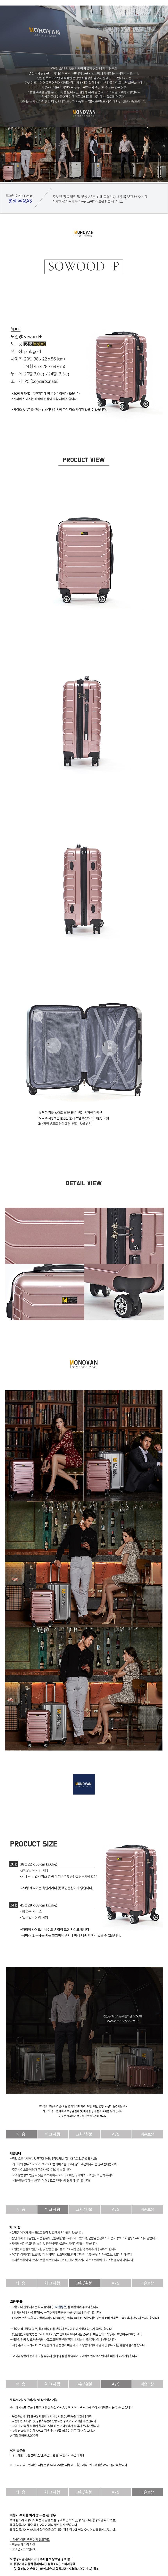 모노반 sowood-P 하드캐리어 여행가방 24호 CH1397634 - 익스트리모, 310,040원, 하드형, 중형(24형) 이하